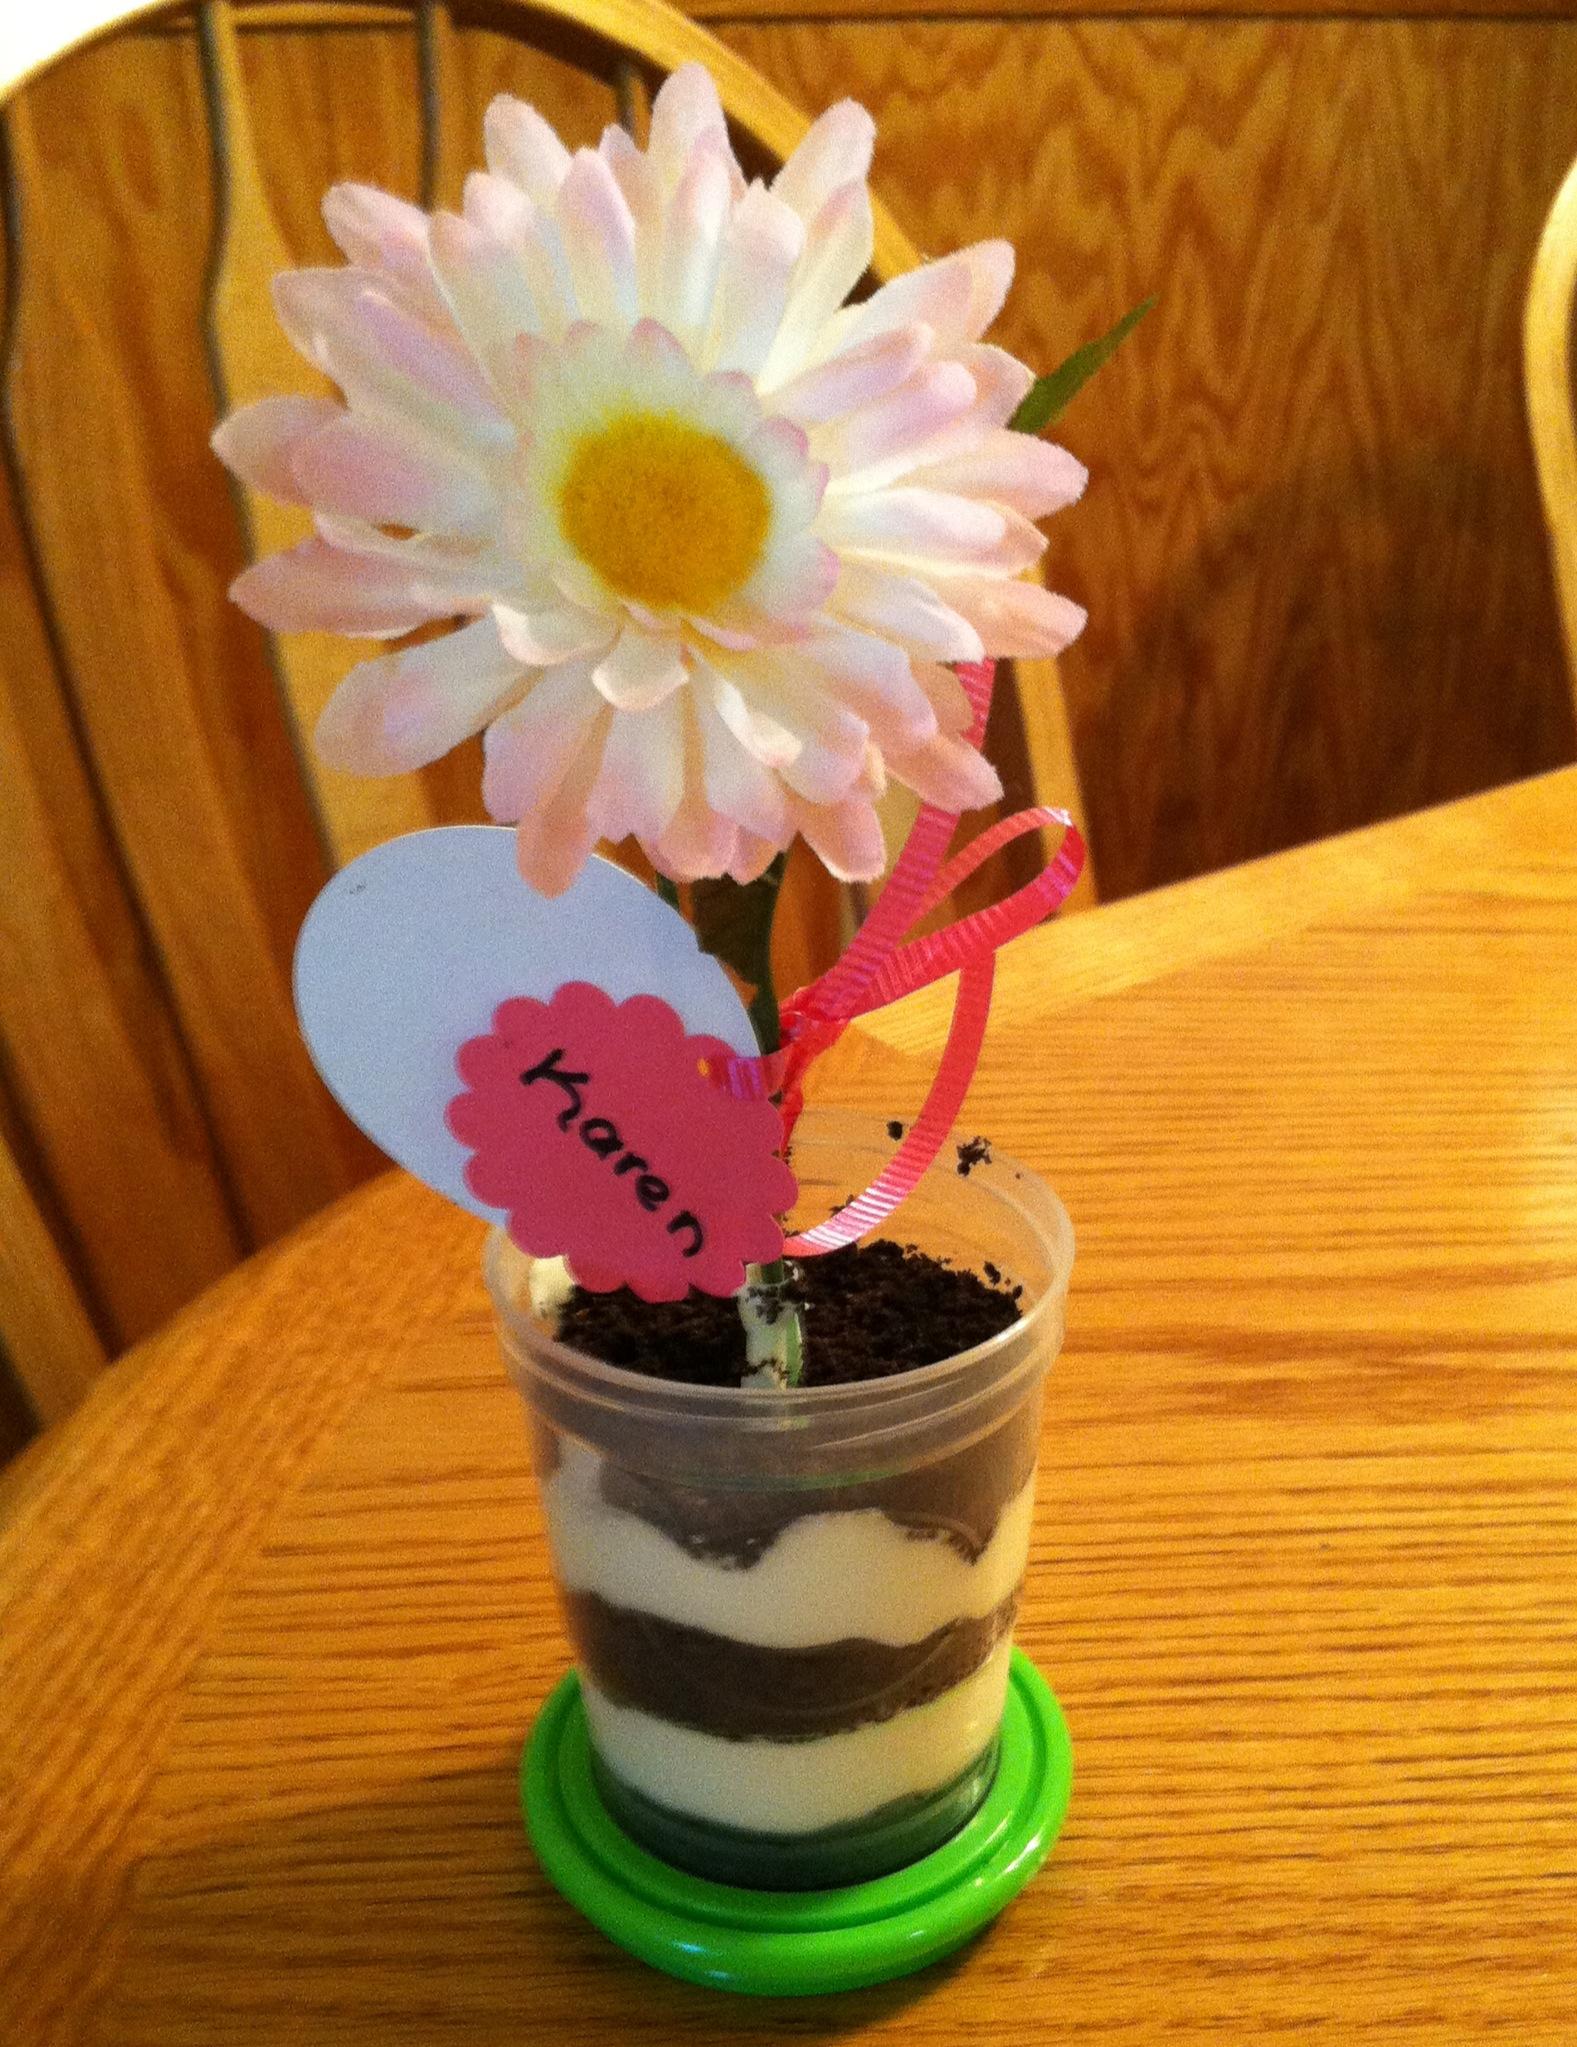 & Flower Pot Dessert